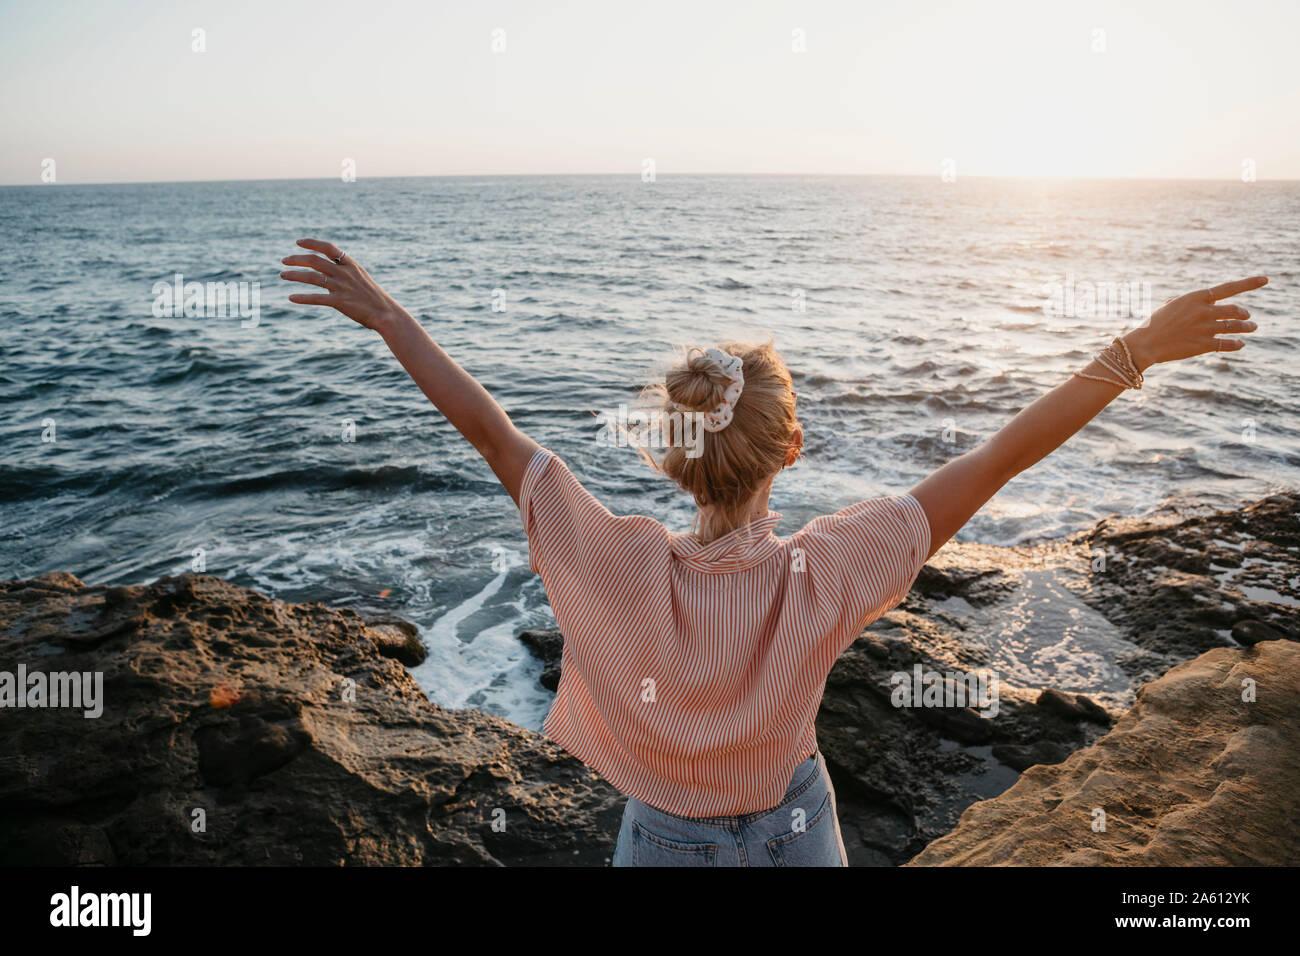 Vista trasera de la mujer joven en el mar con brazos levantados, Sunset Cliffs, San Diego, California, EE.UU. Foto de stock